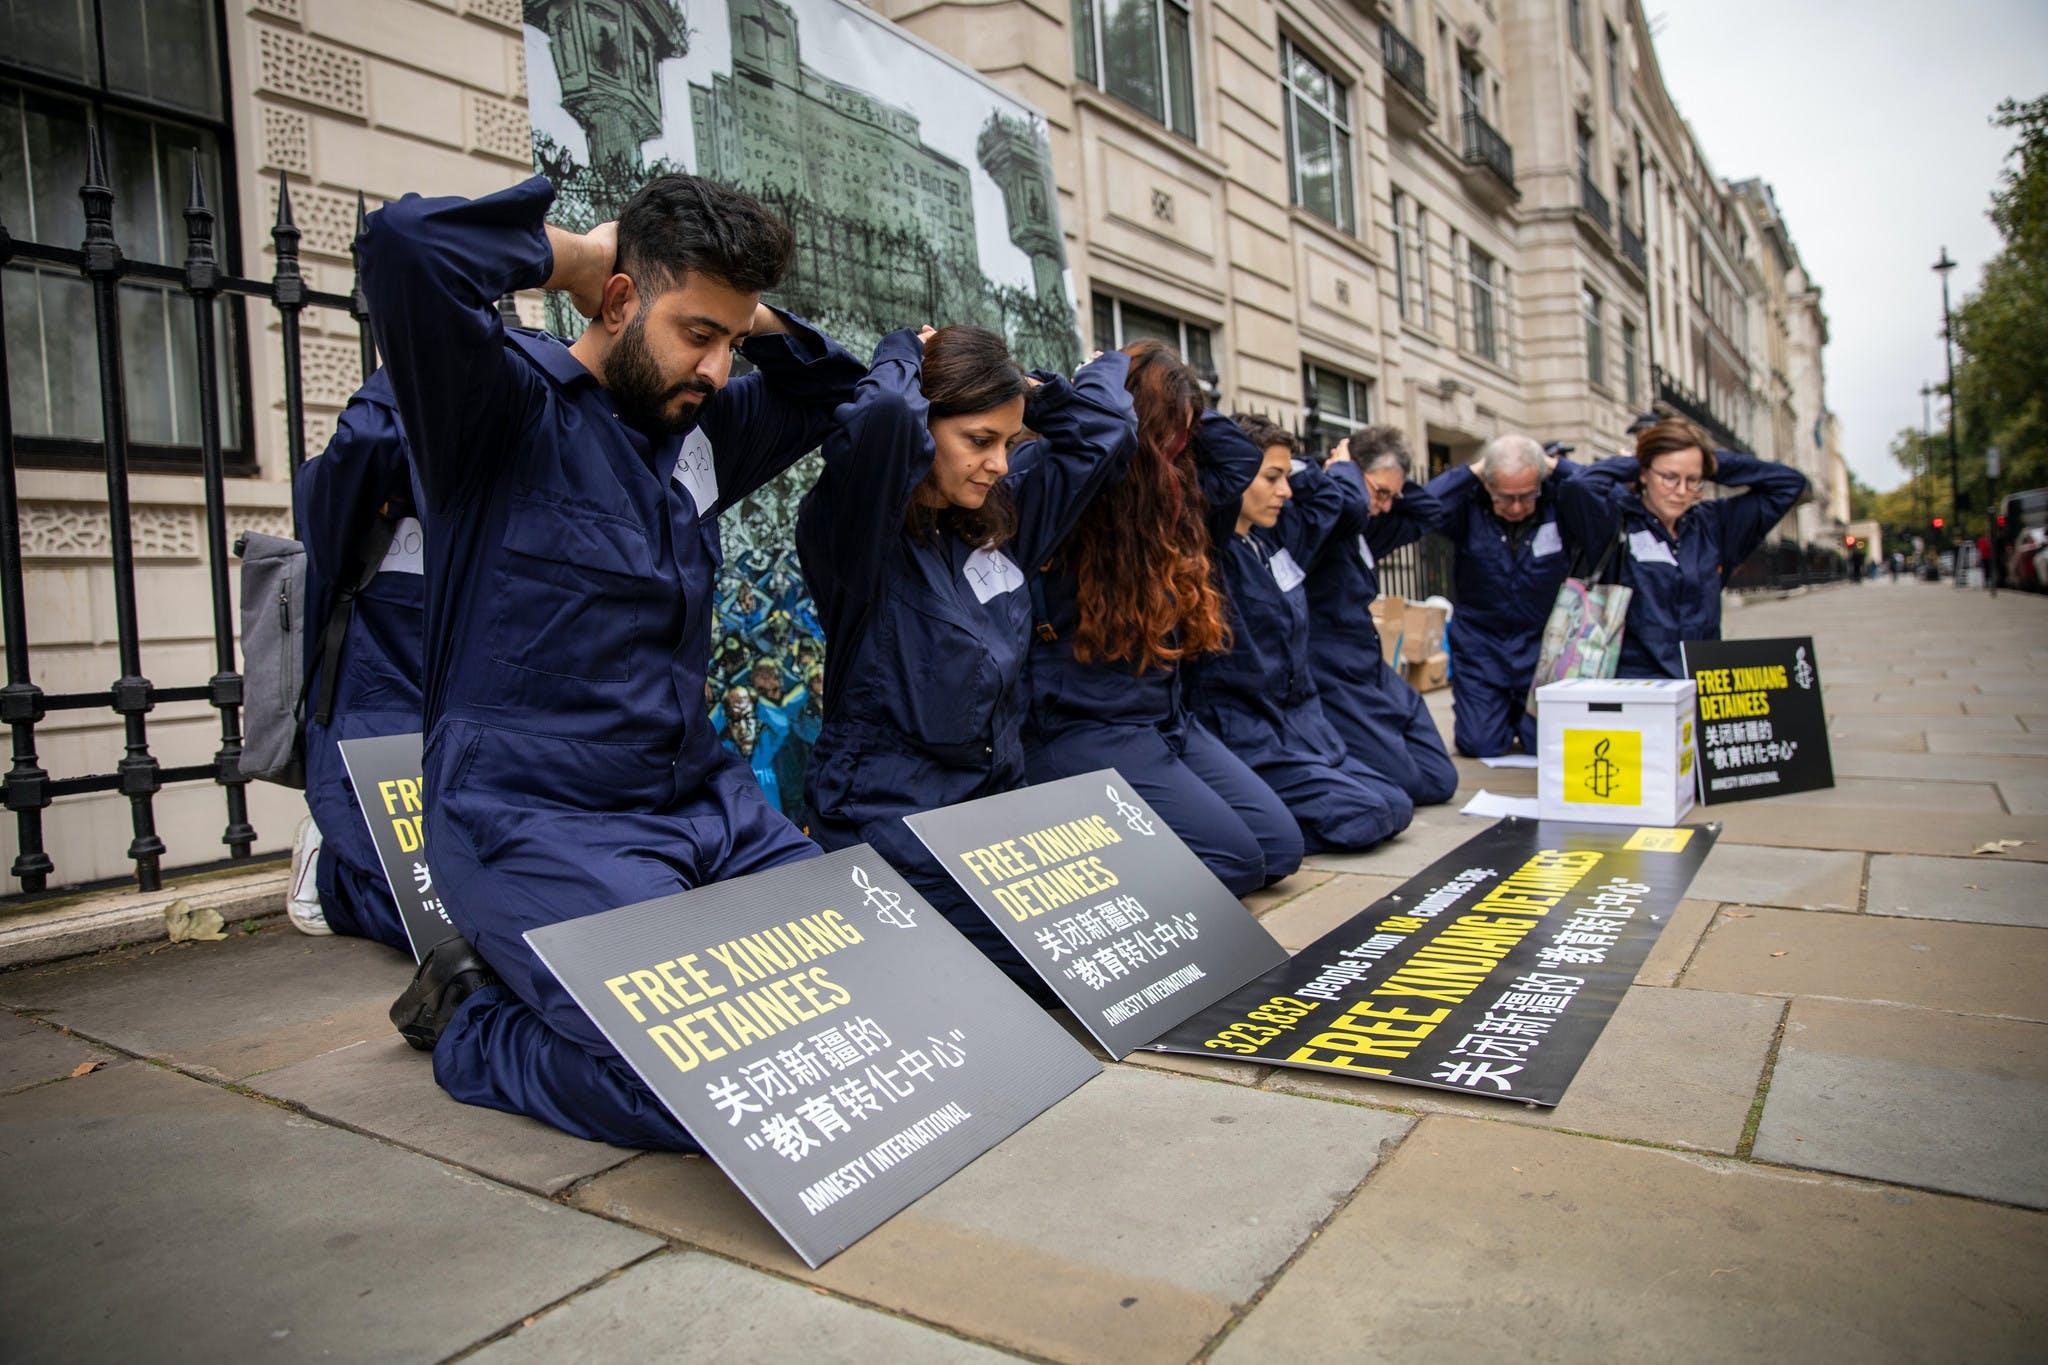 Remise de pétition pour libération des minorités musulmanes détenues dans le Xinjiang. Londres